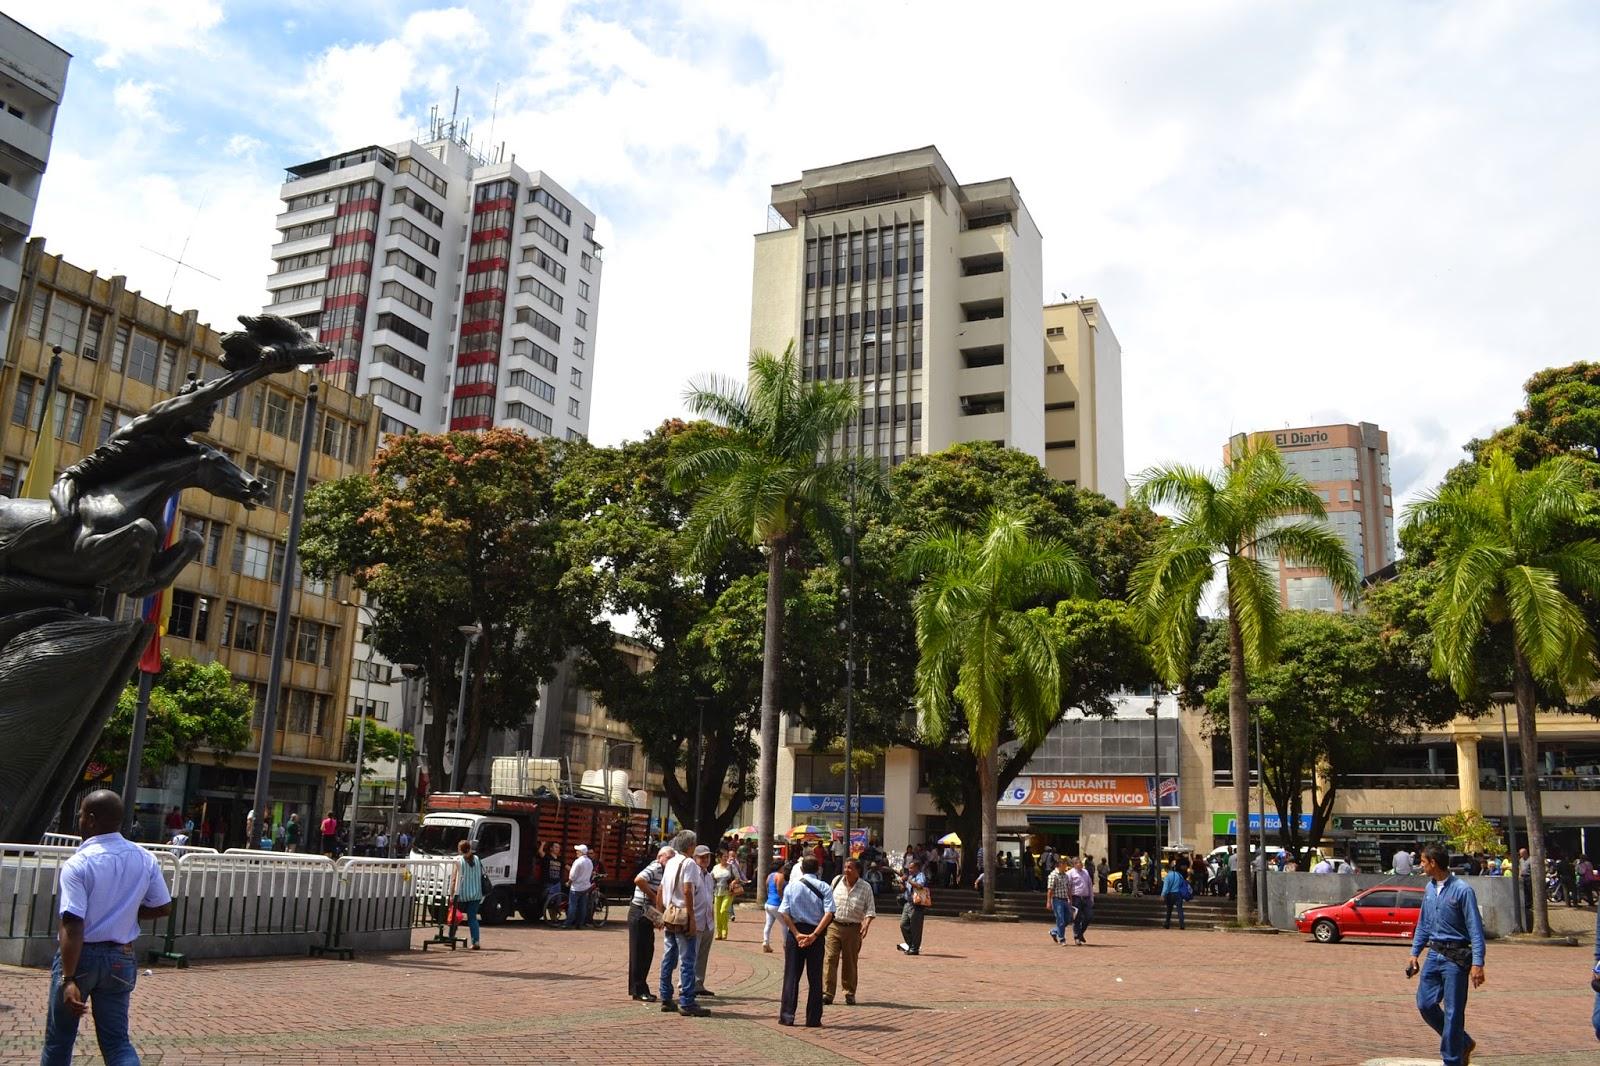 Ciudades más baratas en Colombia- Pereira. Foto: Vecinos Pereira